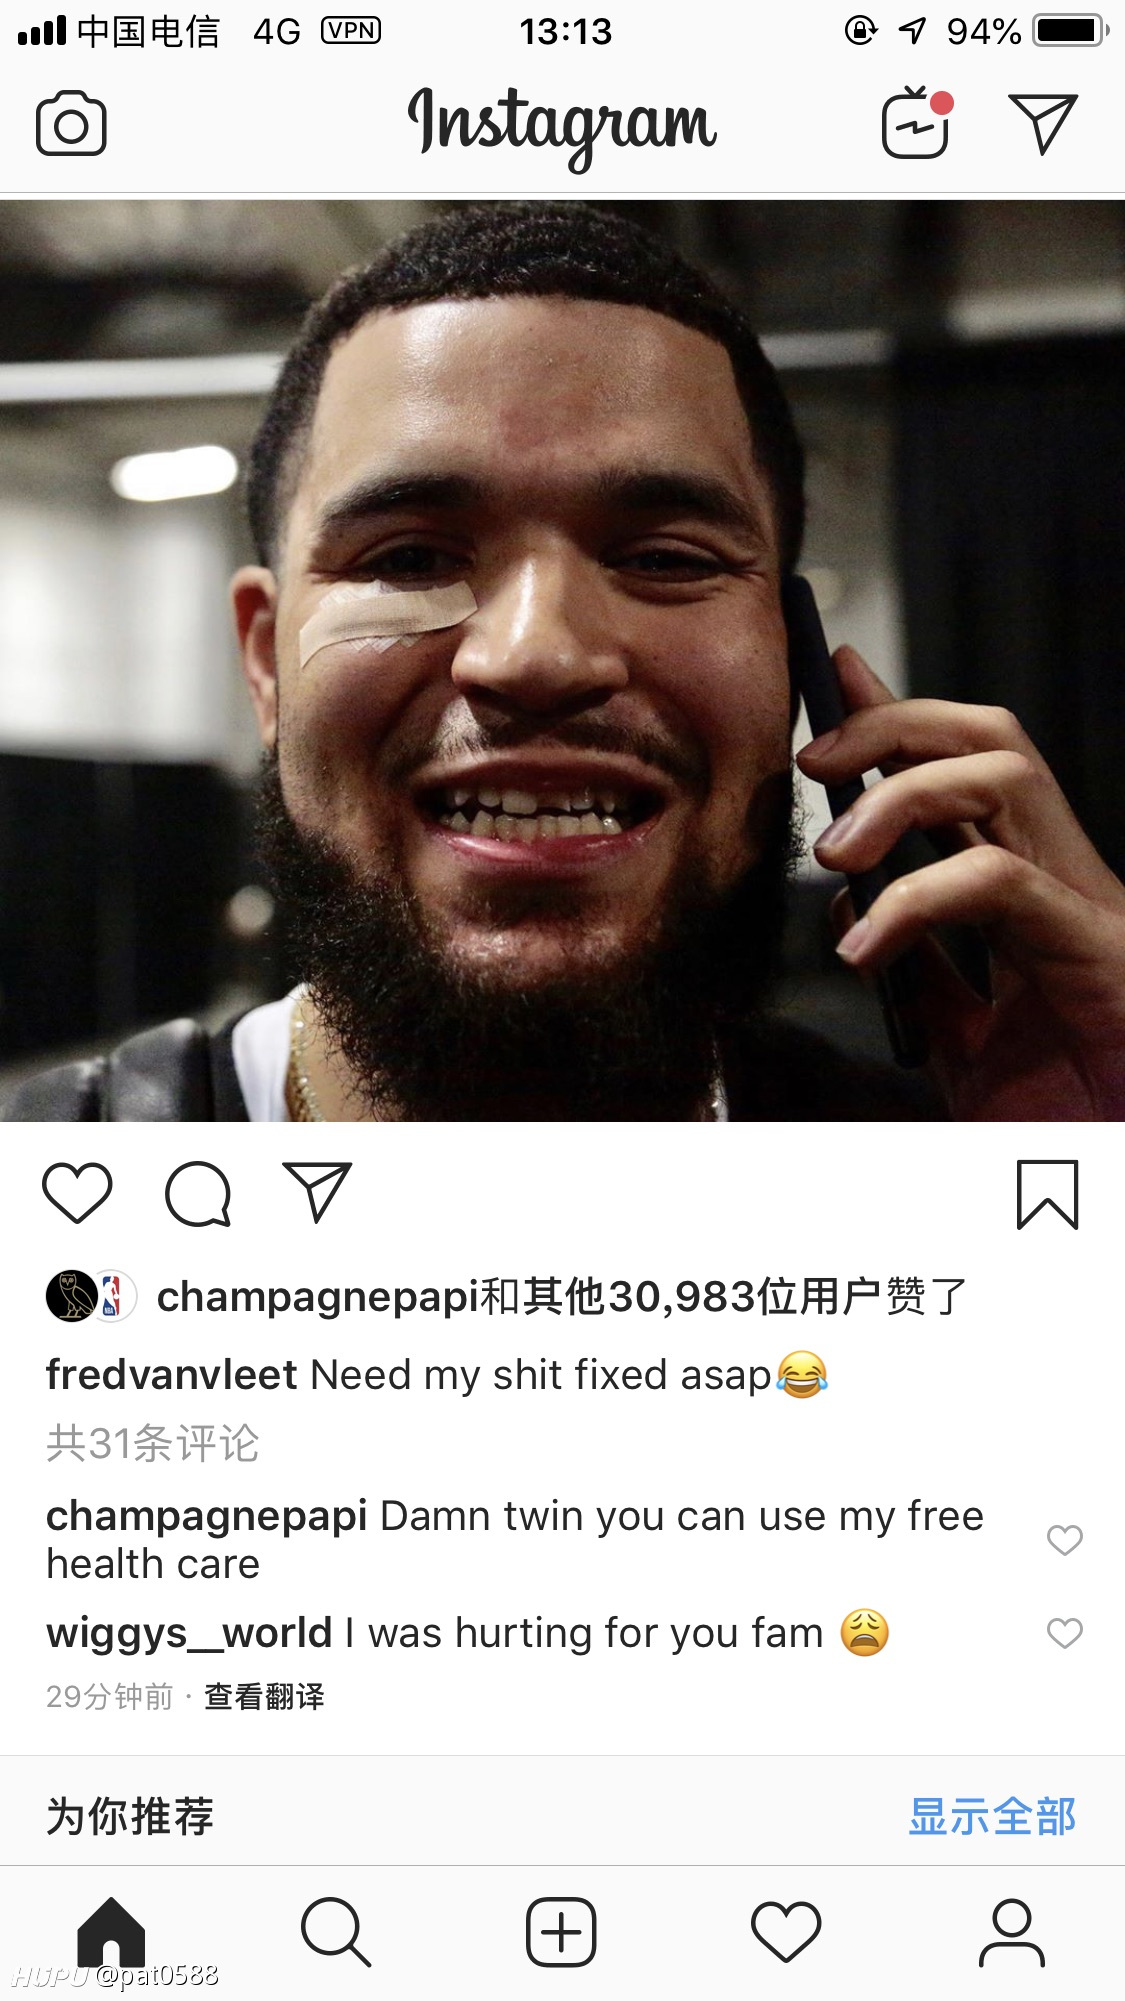 范弗利特晒掉牙图,Drake:你可以用我免费的医疗保险